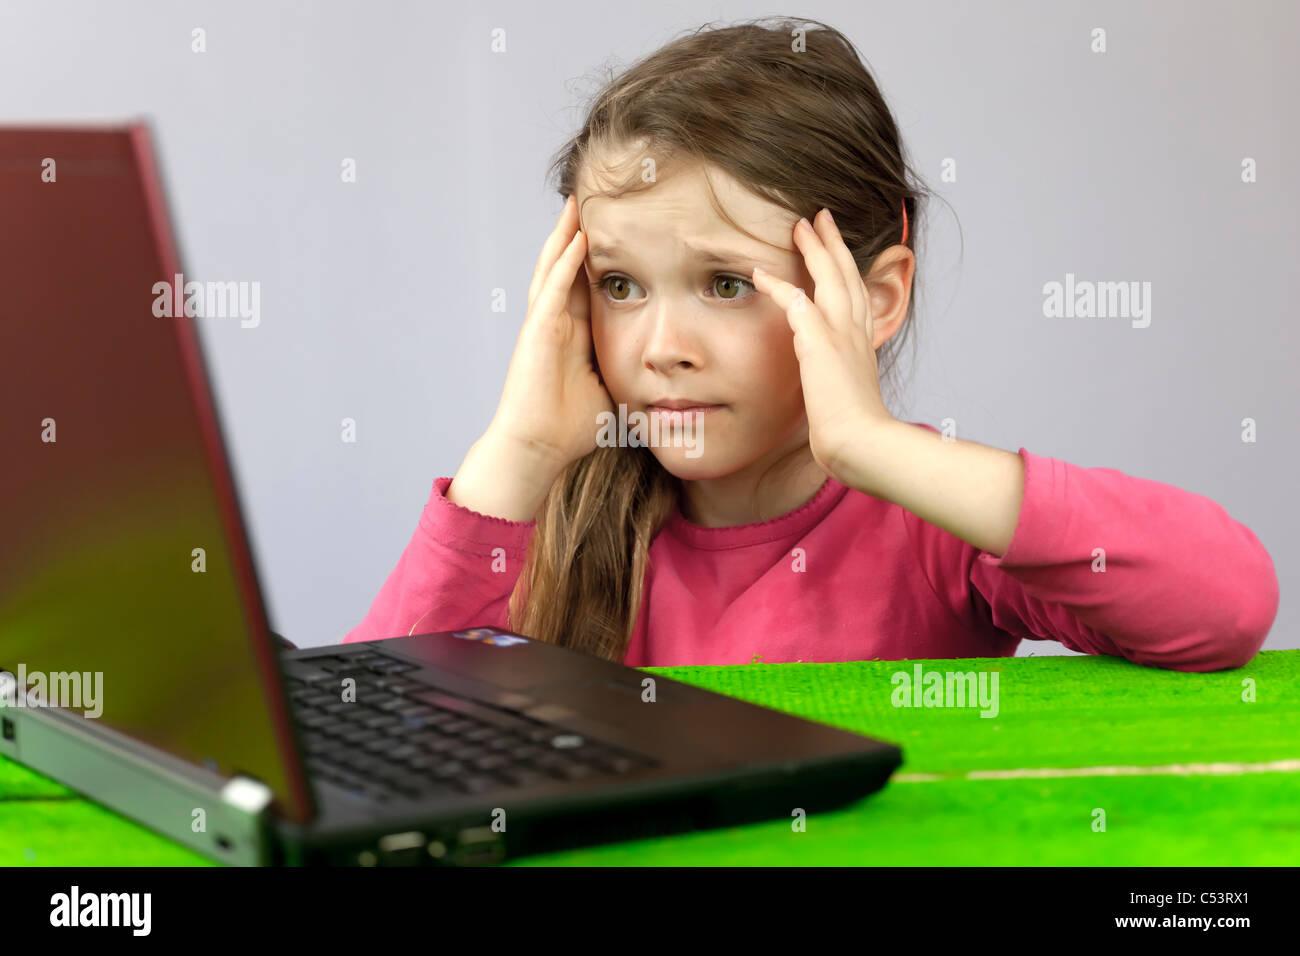 ein Mädchen auf dem Laptop, der Schwierigkeiten bei den Hausaufgaben hat Stockbild